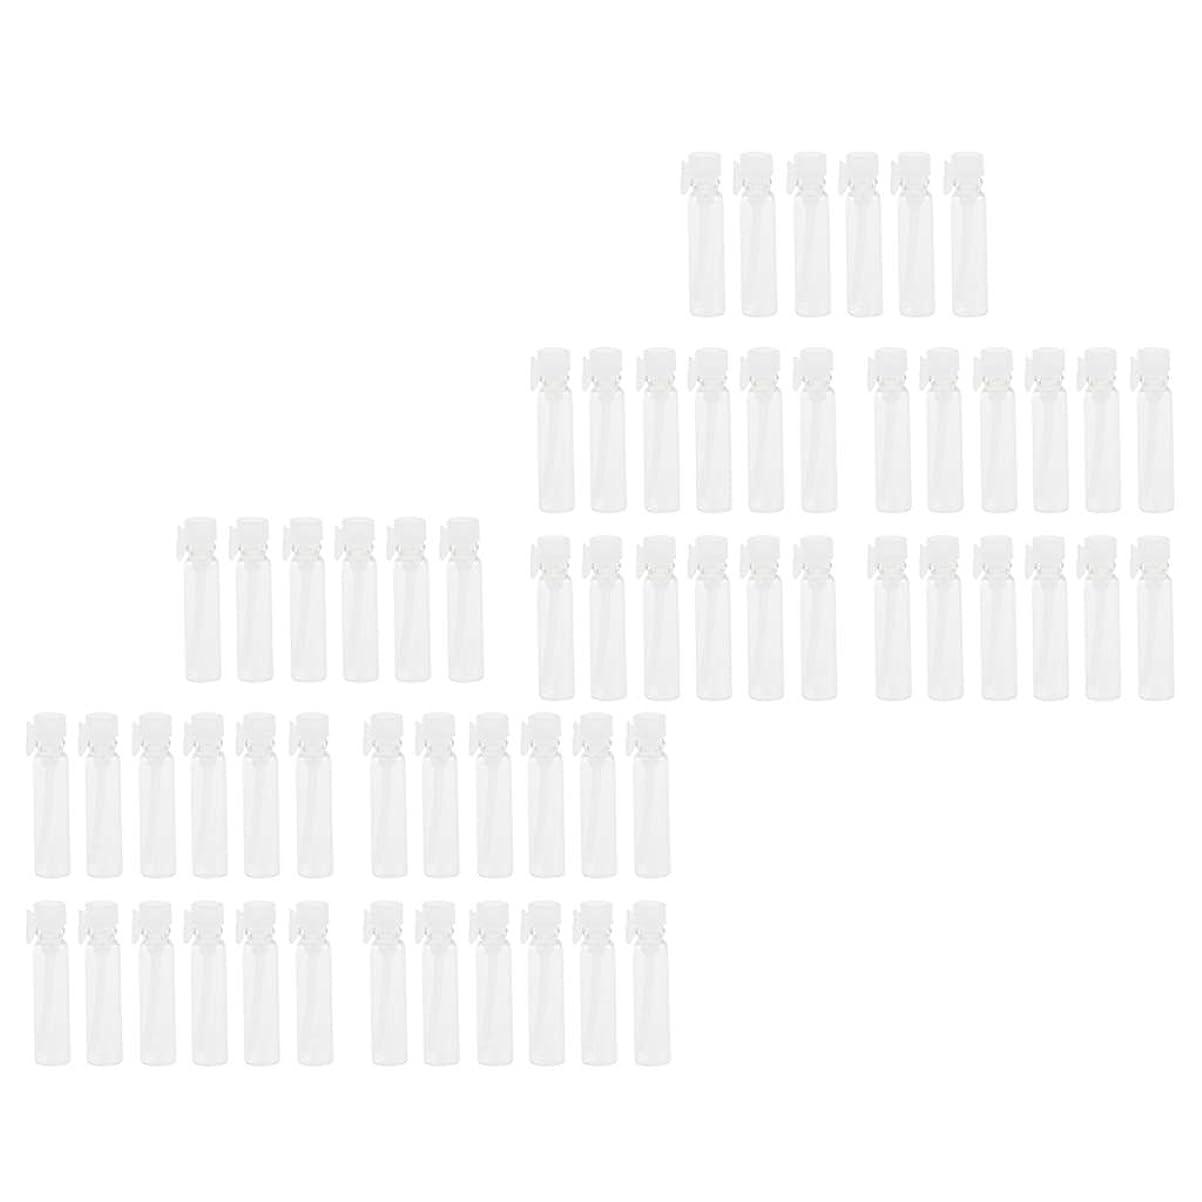 トランジスタキラウエア山不忠sharprepublic 香水ボトル 香水瓶 詰め替え容器 ガラス エッセンシャルオイル 旅行 携帯 透明 1ml 60個入